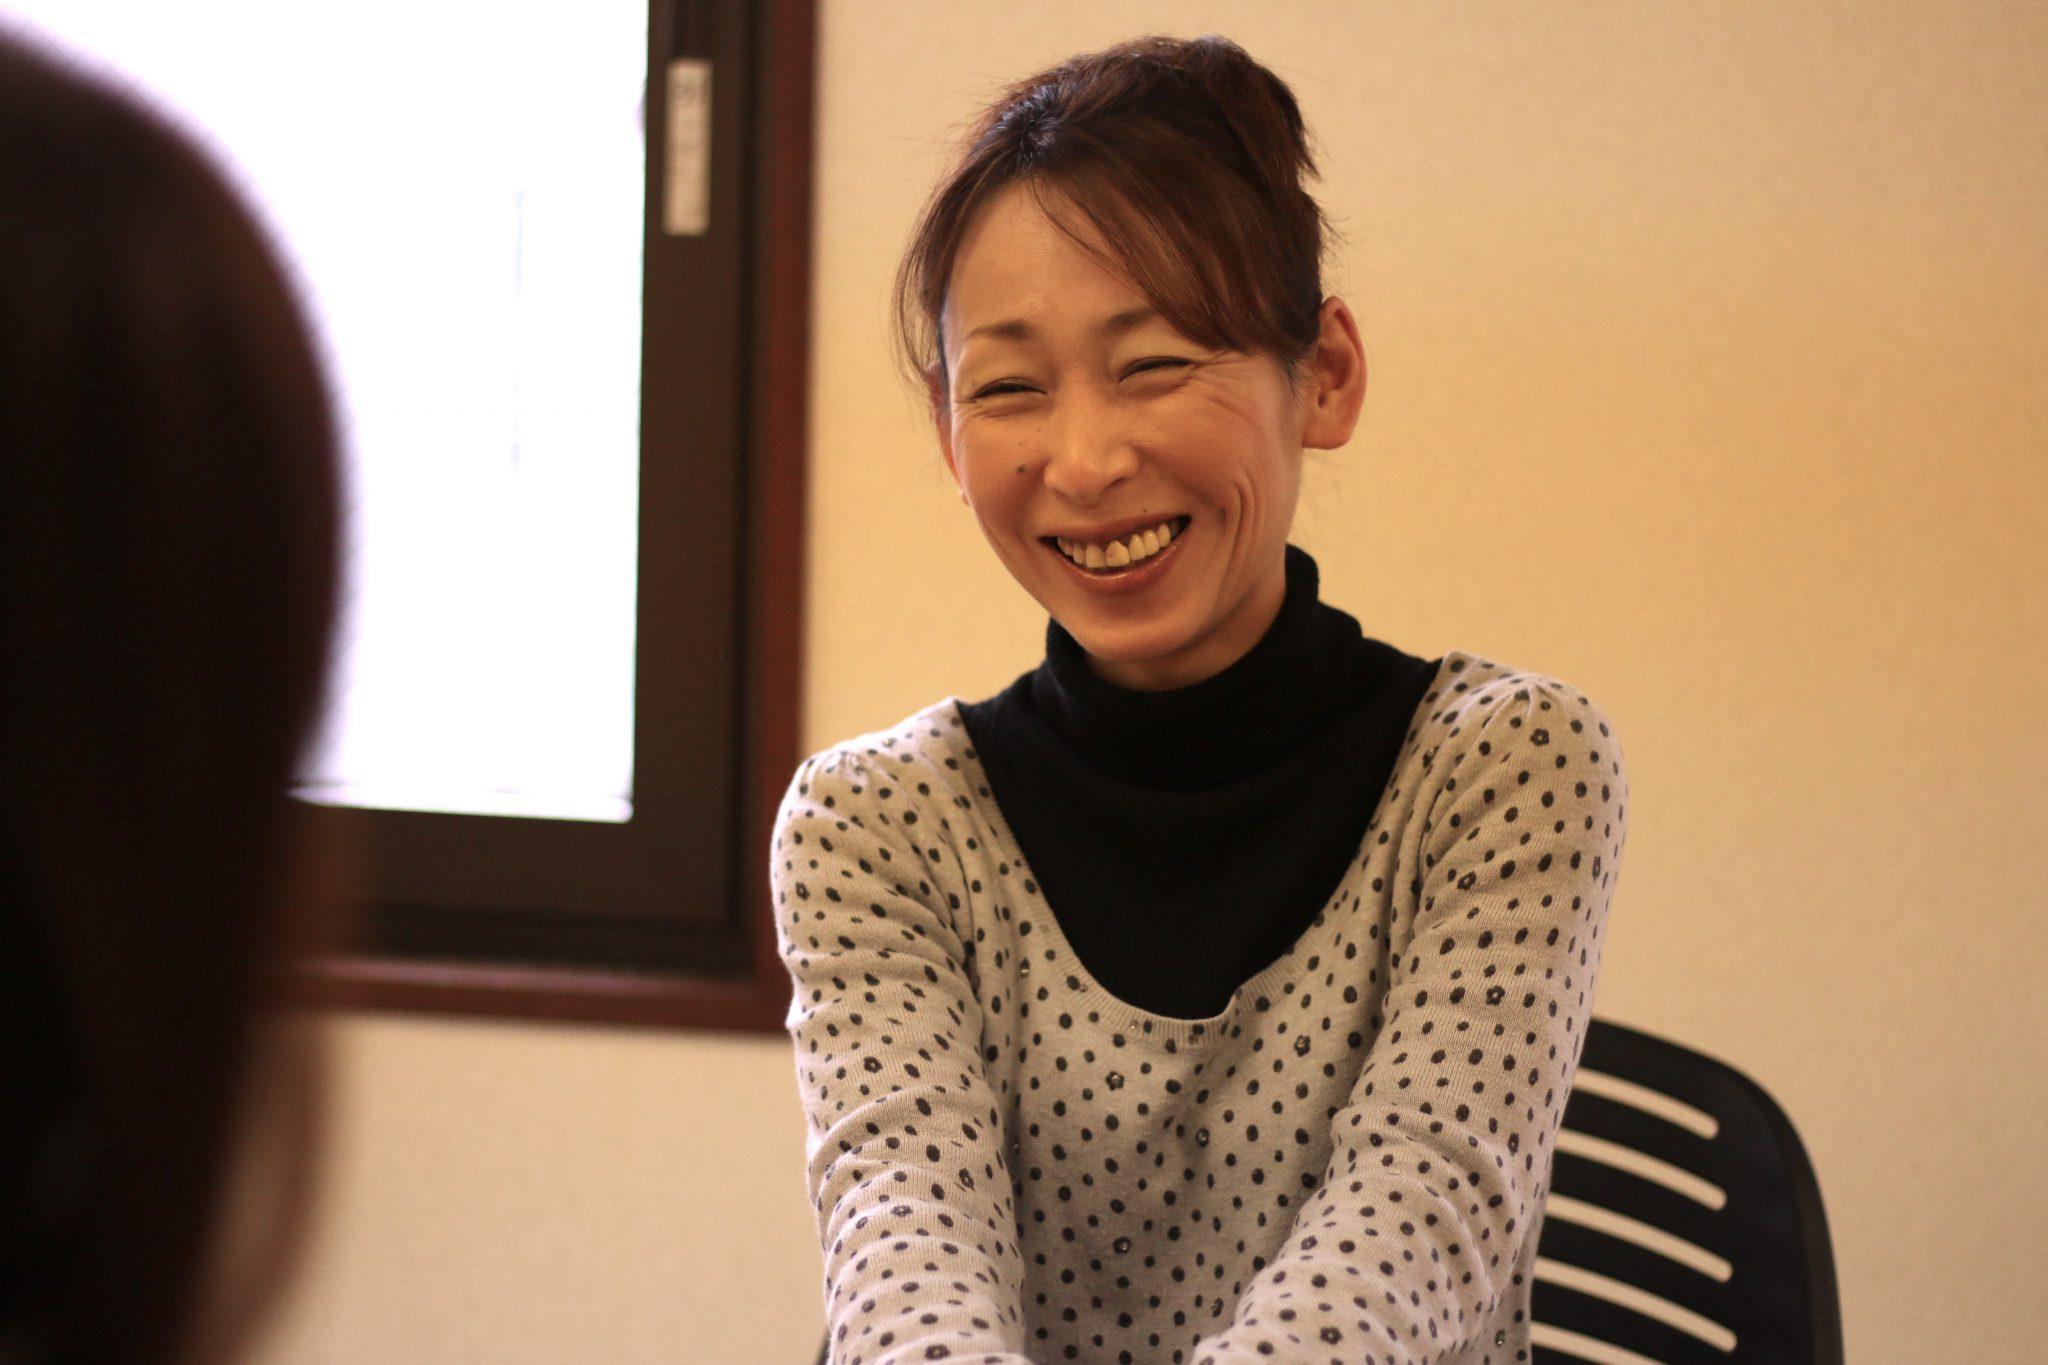 キッズマナー講師:彈正原 由紀先生 インタビュー